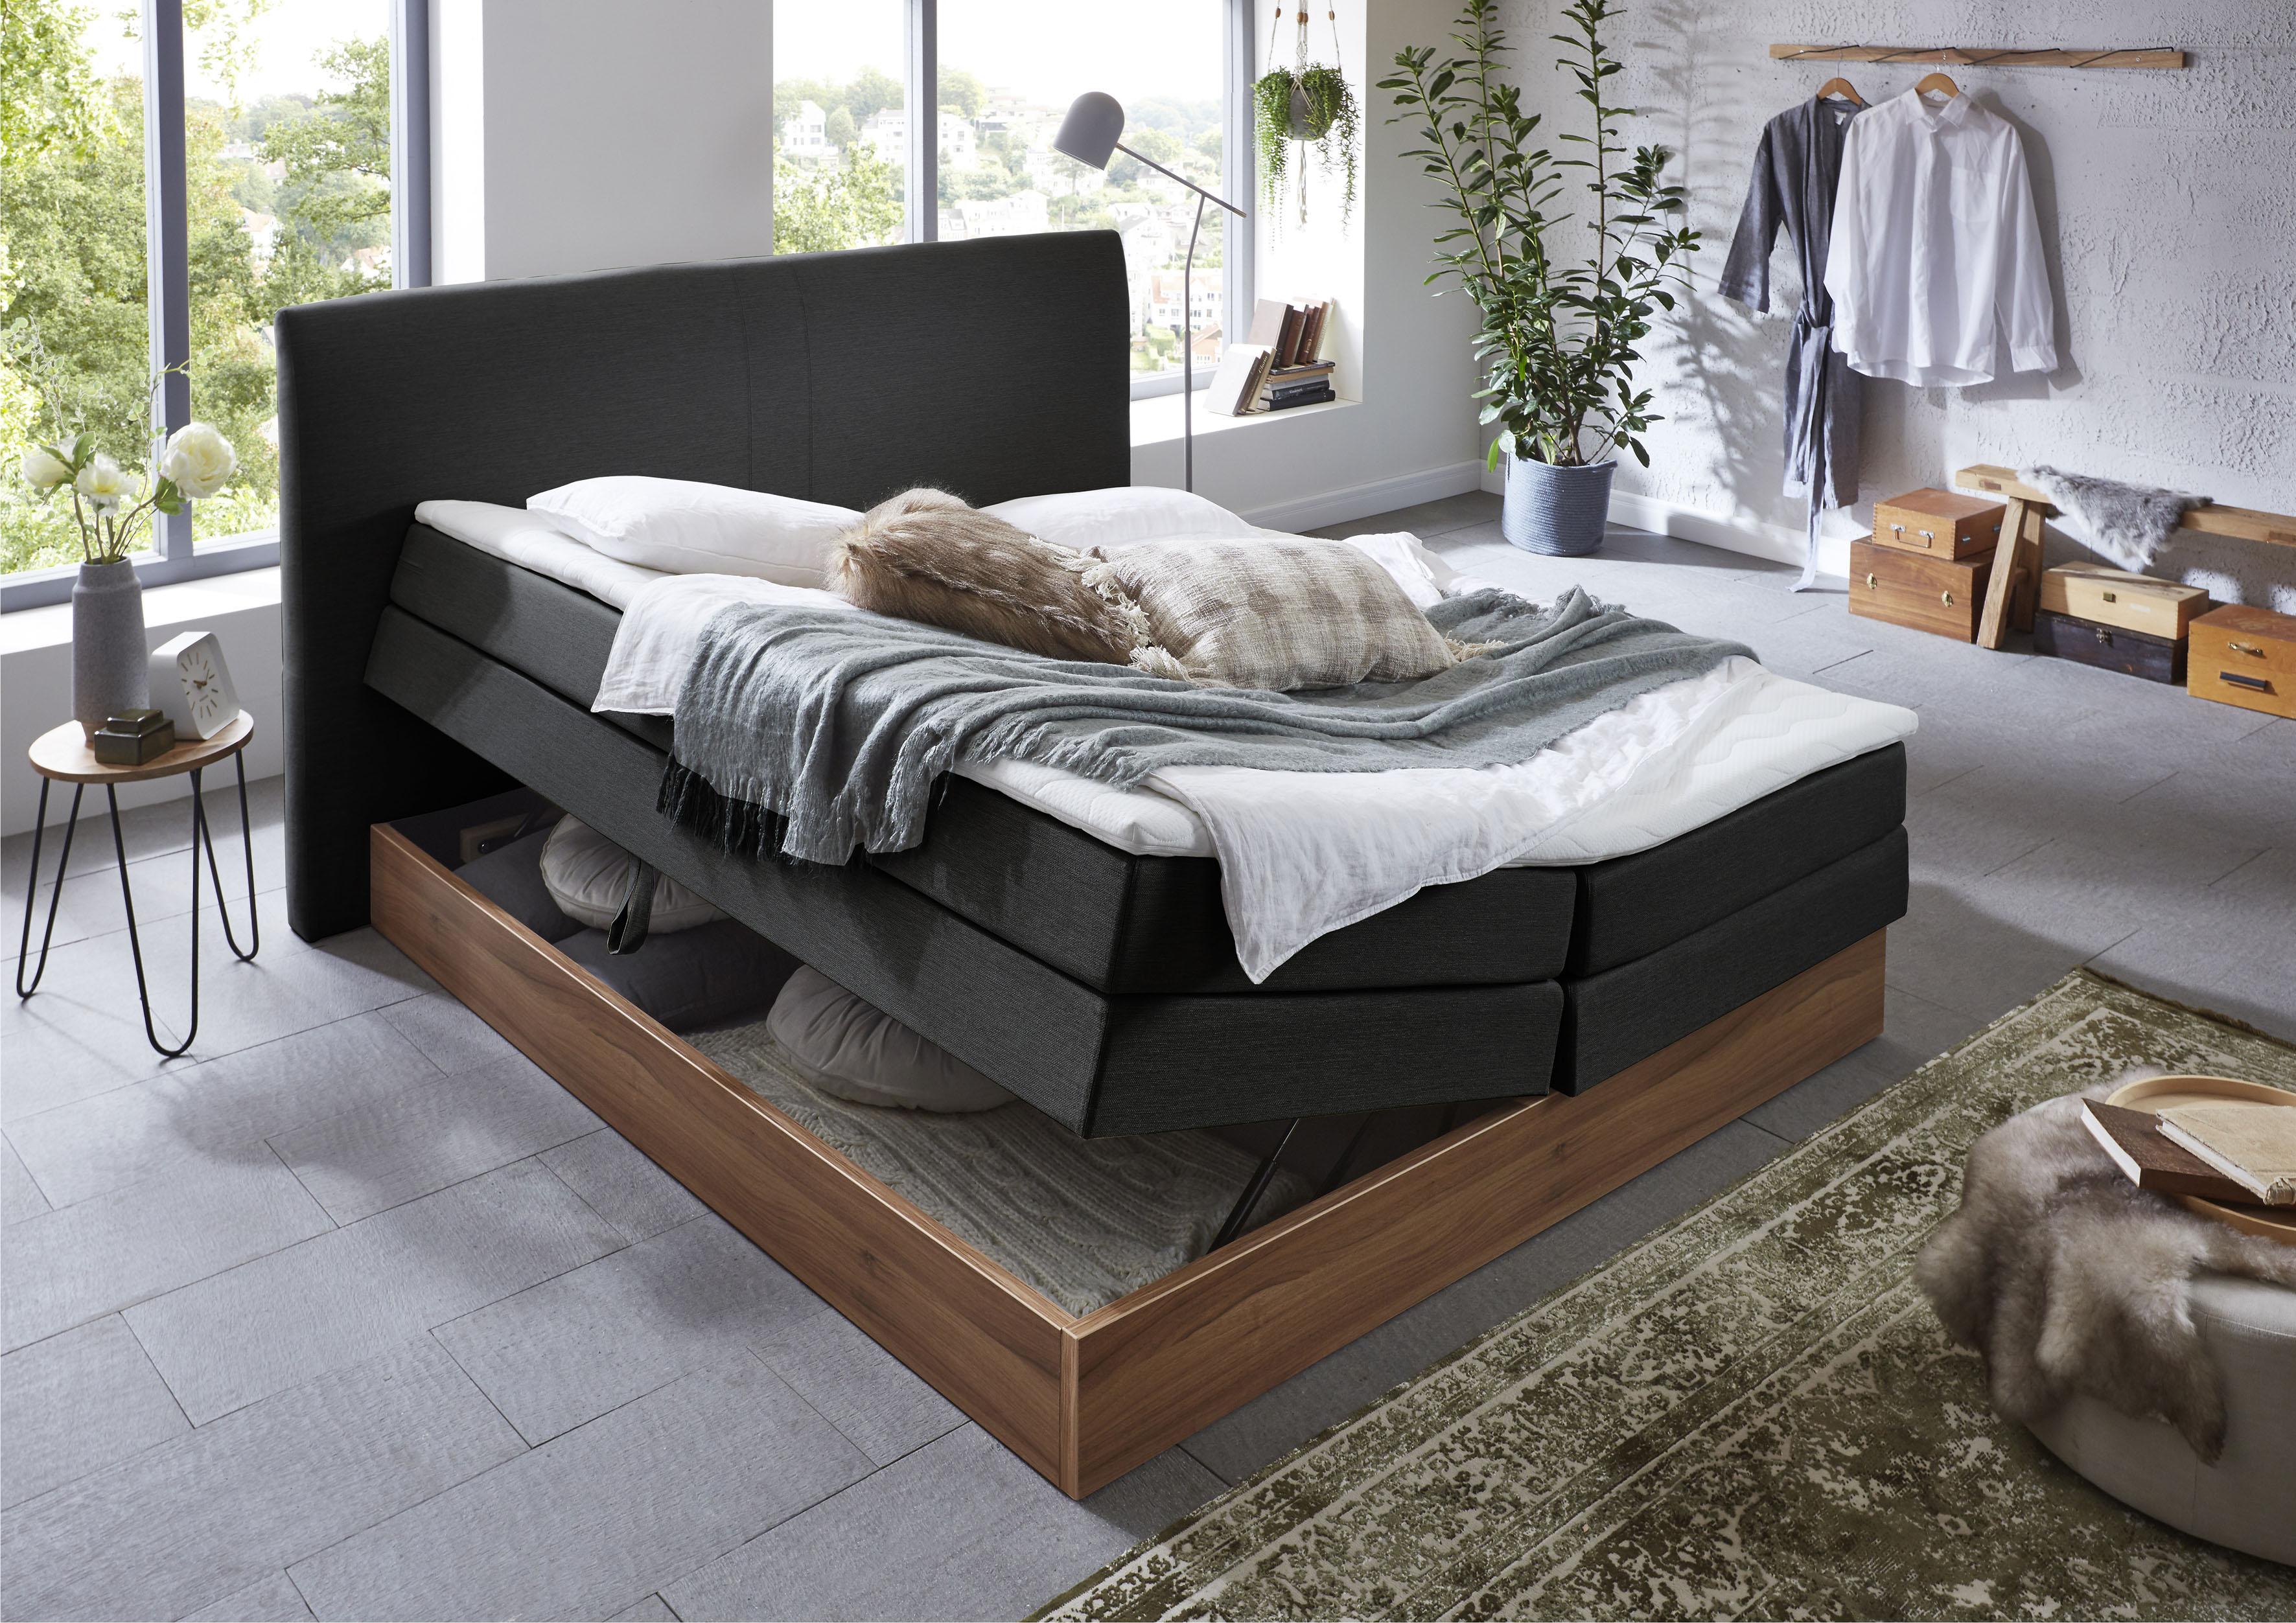 Premium collection by Home affaire Boxspringbett Blomen, mit Walnuss-Dekor, günstig online kaufen